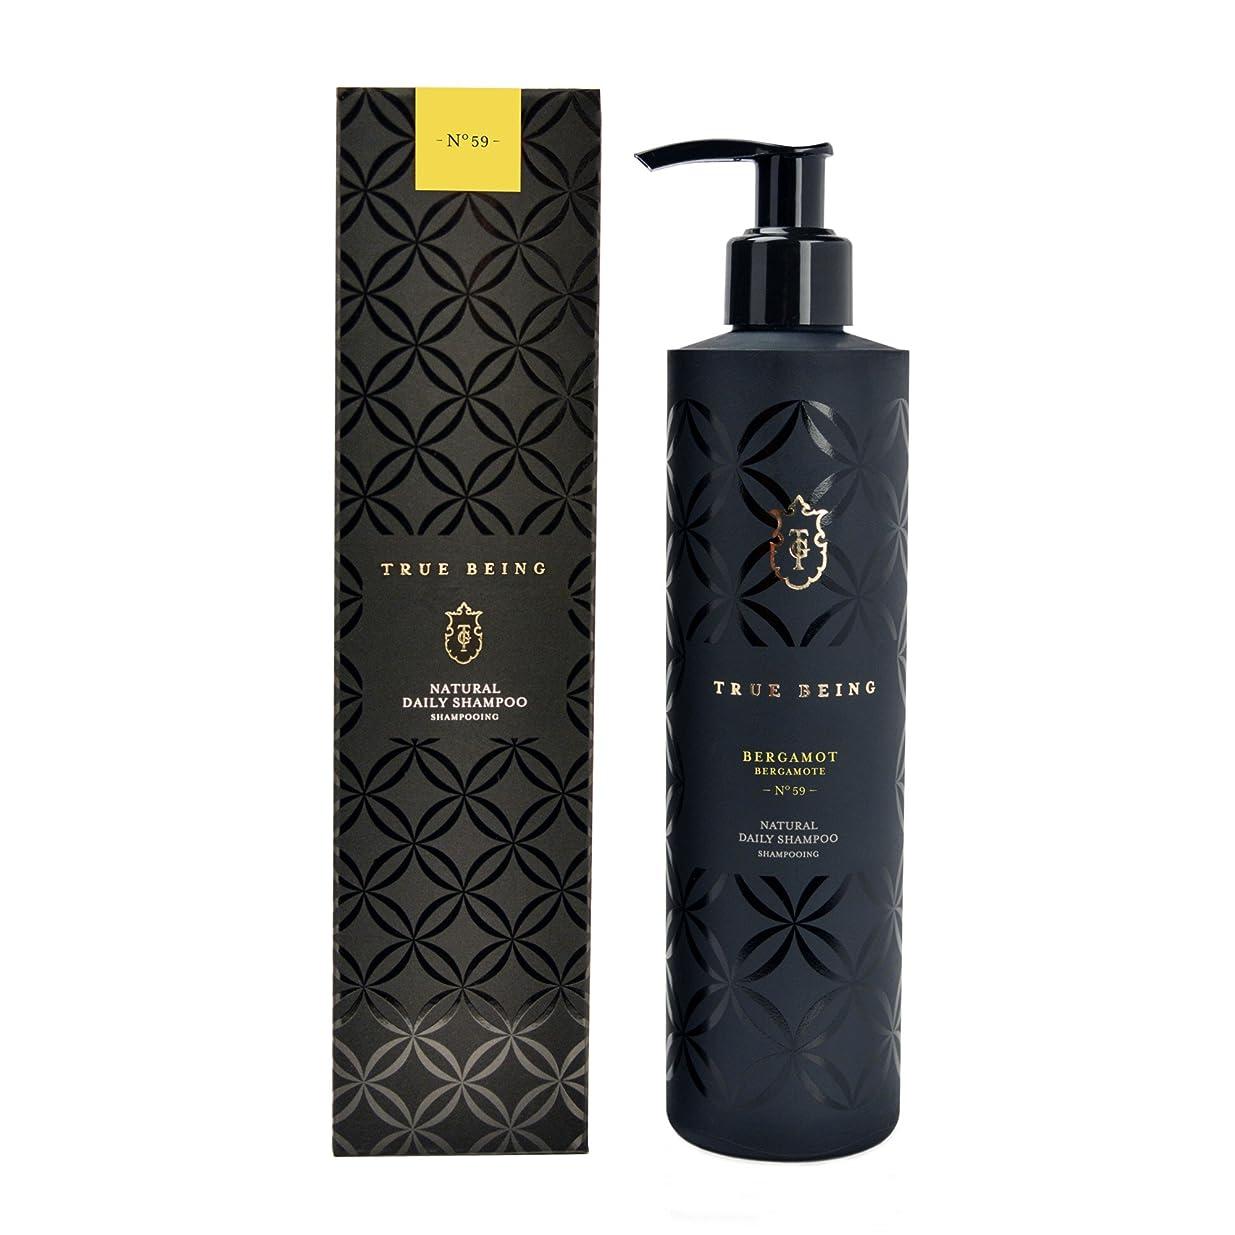 思春期失われた配分真であるベルガモットシャンプー (True Being) (x2) - True Being Bergamot Shampoo (Pack of 2) [並行輸入品]